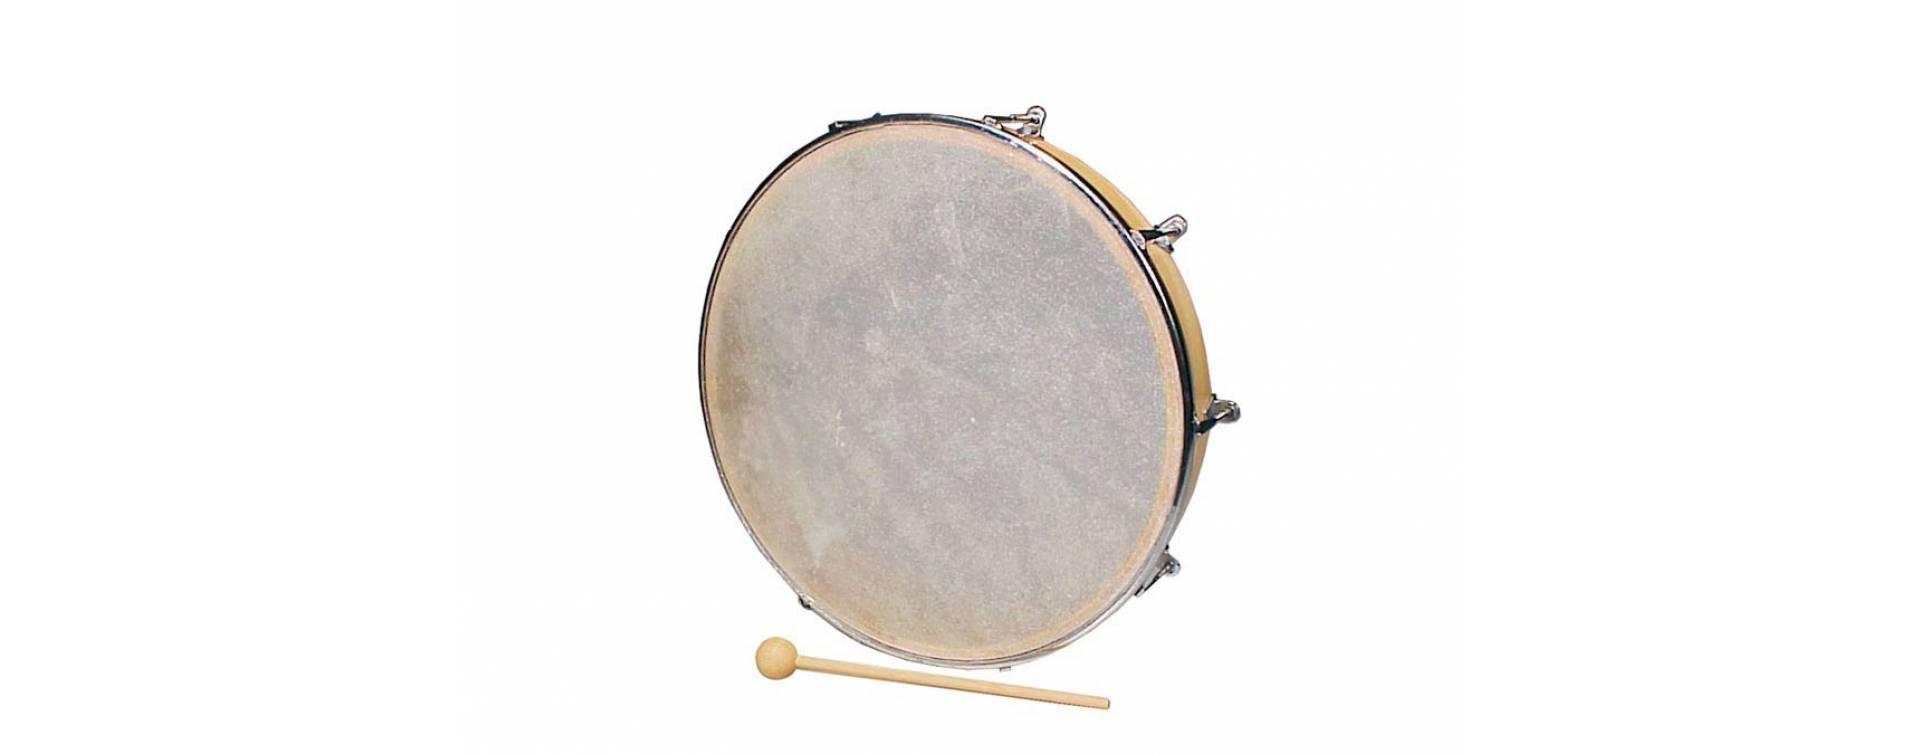 Ruční bubny